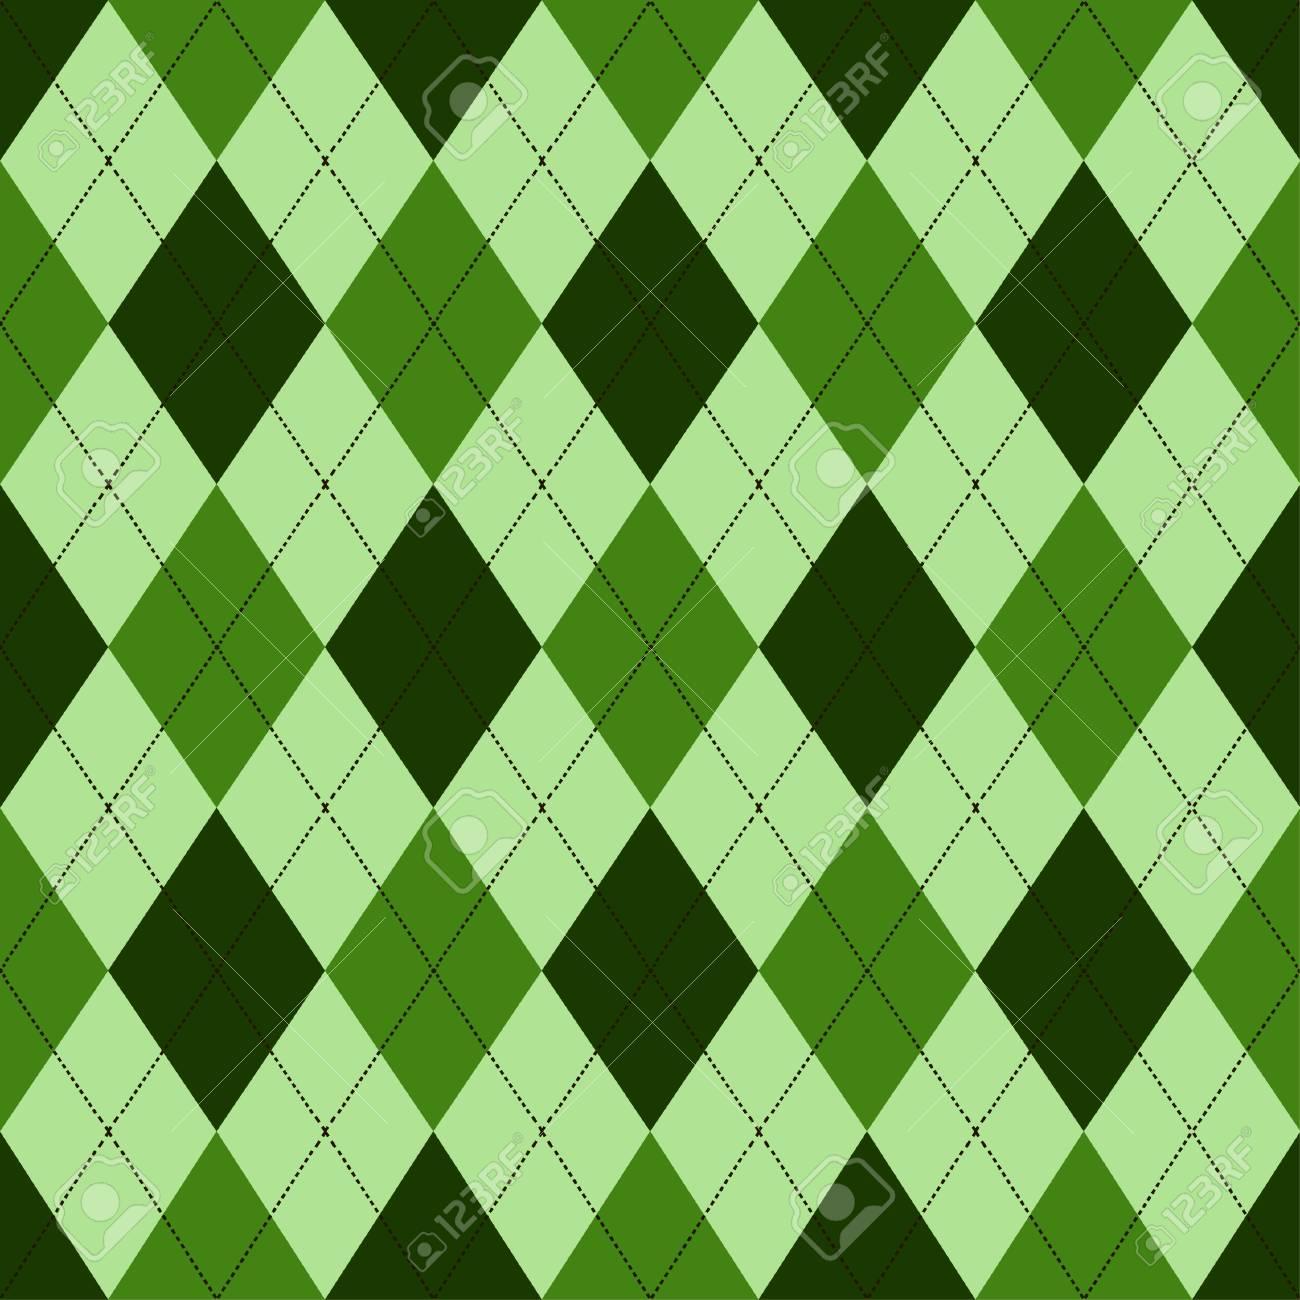 Patron De Rombos Inconsutil En Tonos De Verde Con Puntada Blanca - Tonos-verde